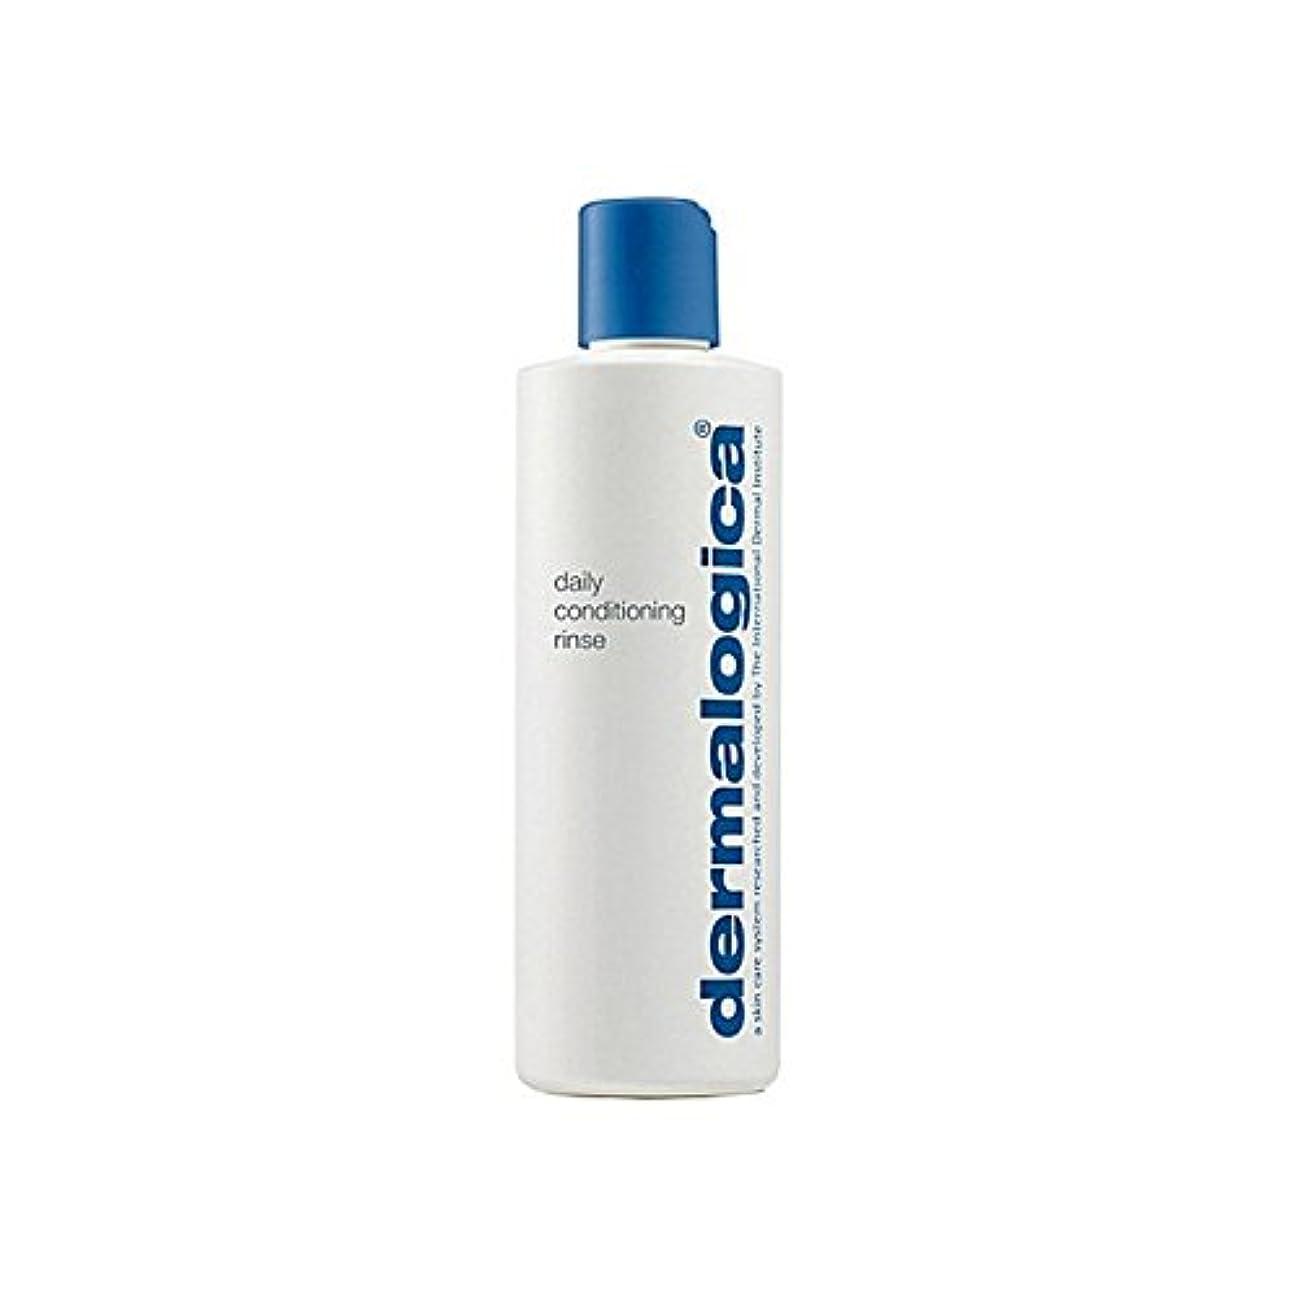 拾う住居排出Dermalogica Daily Conditioning Rinse 50ml - ダーマロジカ毎日コンディショニングリンス50ミリリットル [並行輸入品]